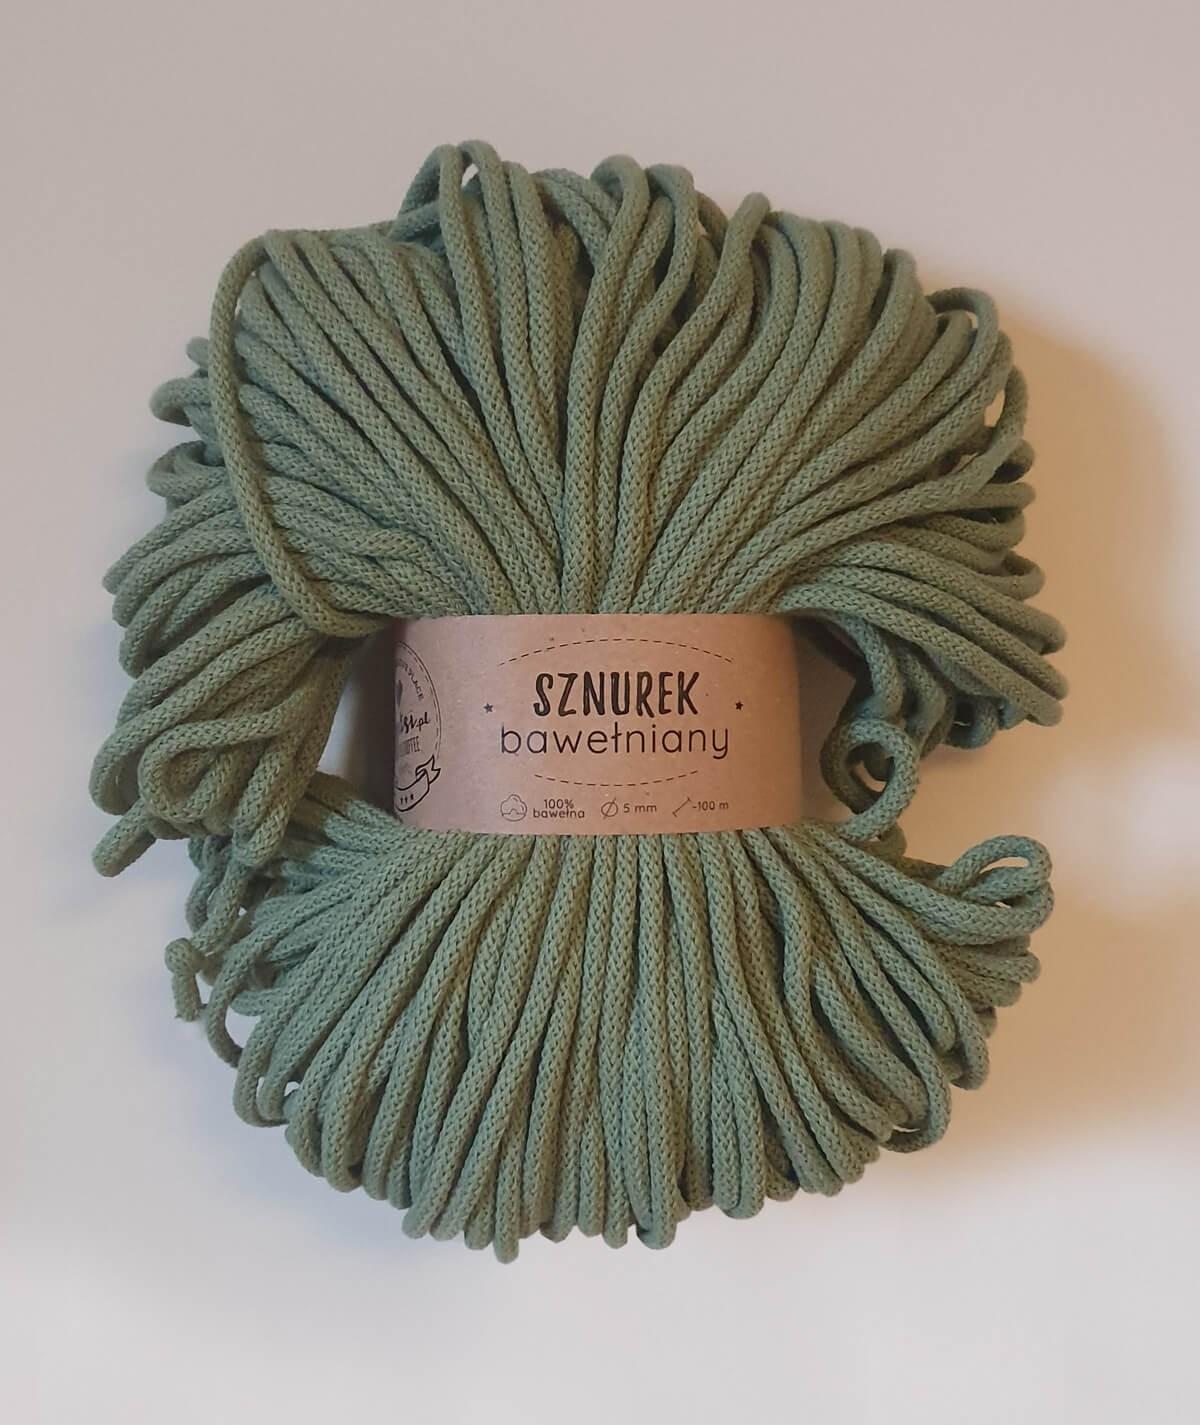 Sznurek bawełniany 5 mm ciemny oliwkowy do rękodzieła